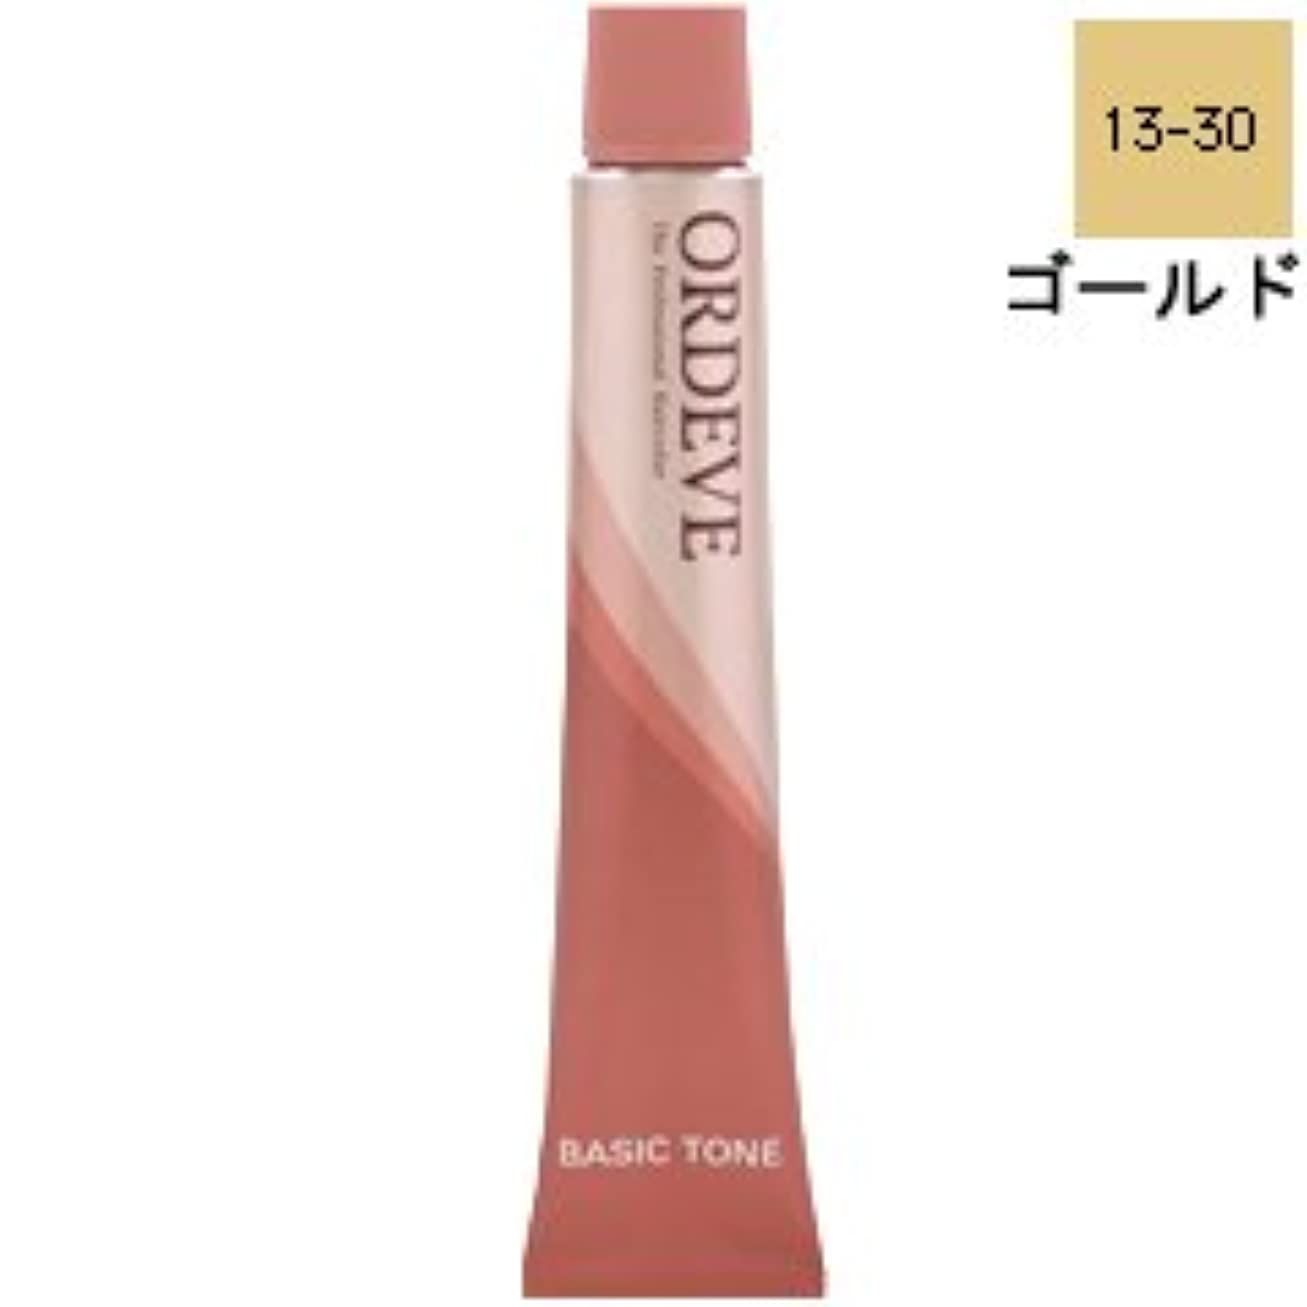 突進スクランブル提供する【ミルボン】オルディーブ ベーシックトーン #13-30 ゴールド 80g